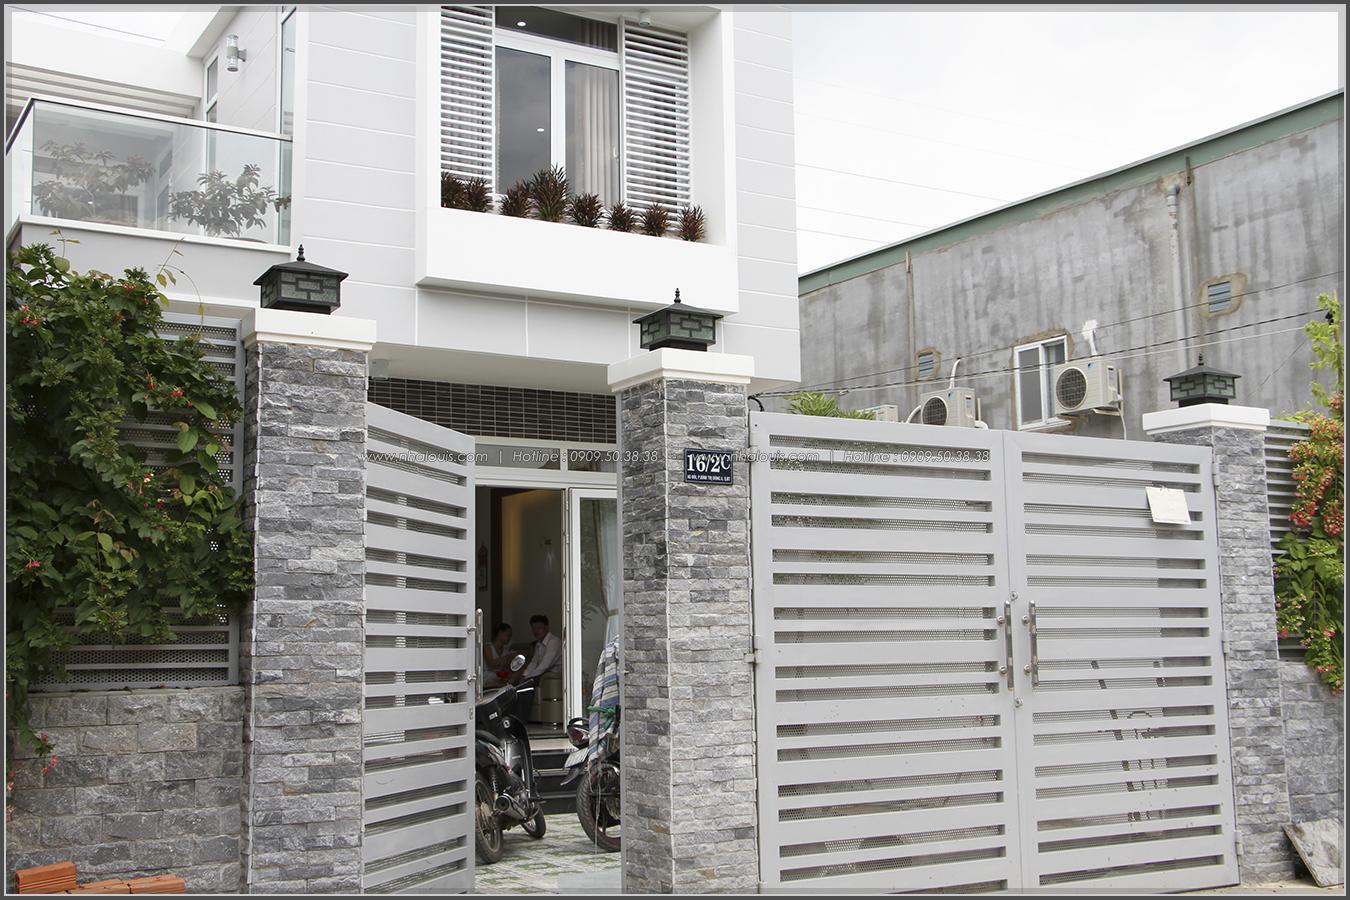 Thi công xây dựng nhà phố 1 trệt 1 lầu quận Bình Tân - 04